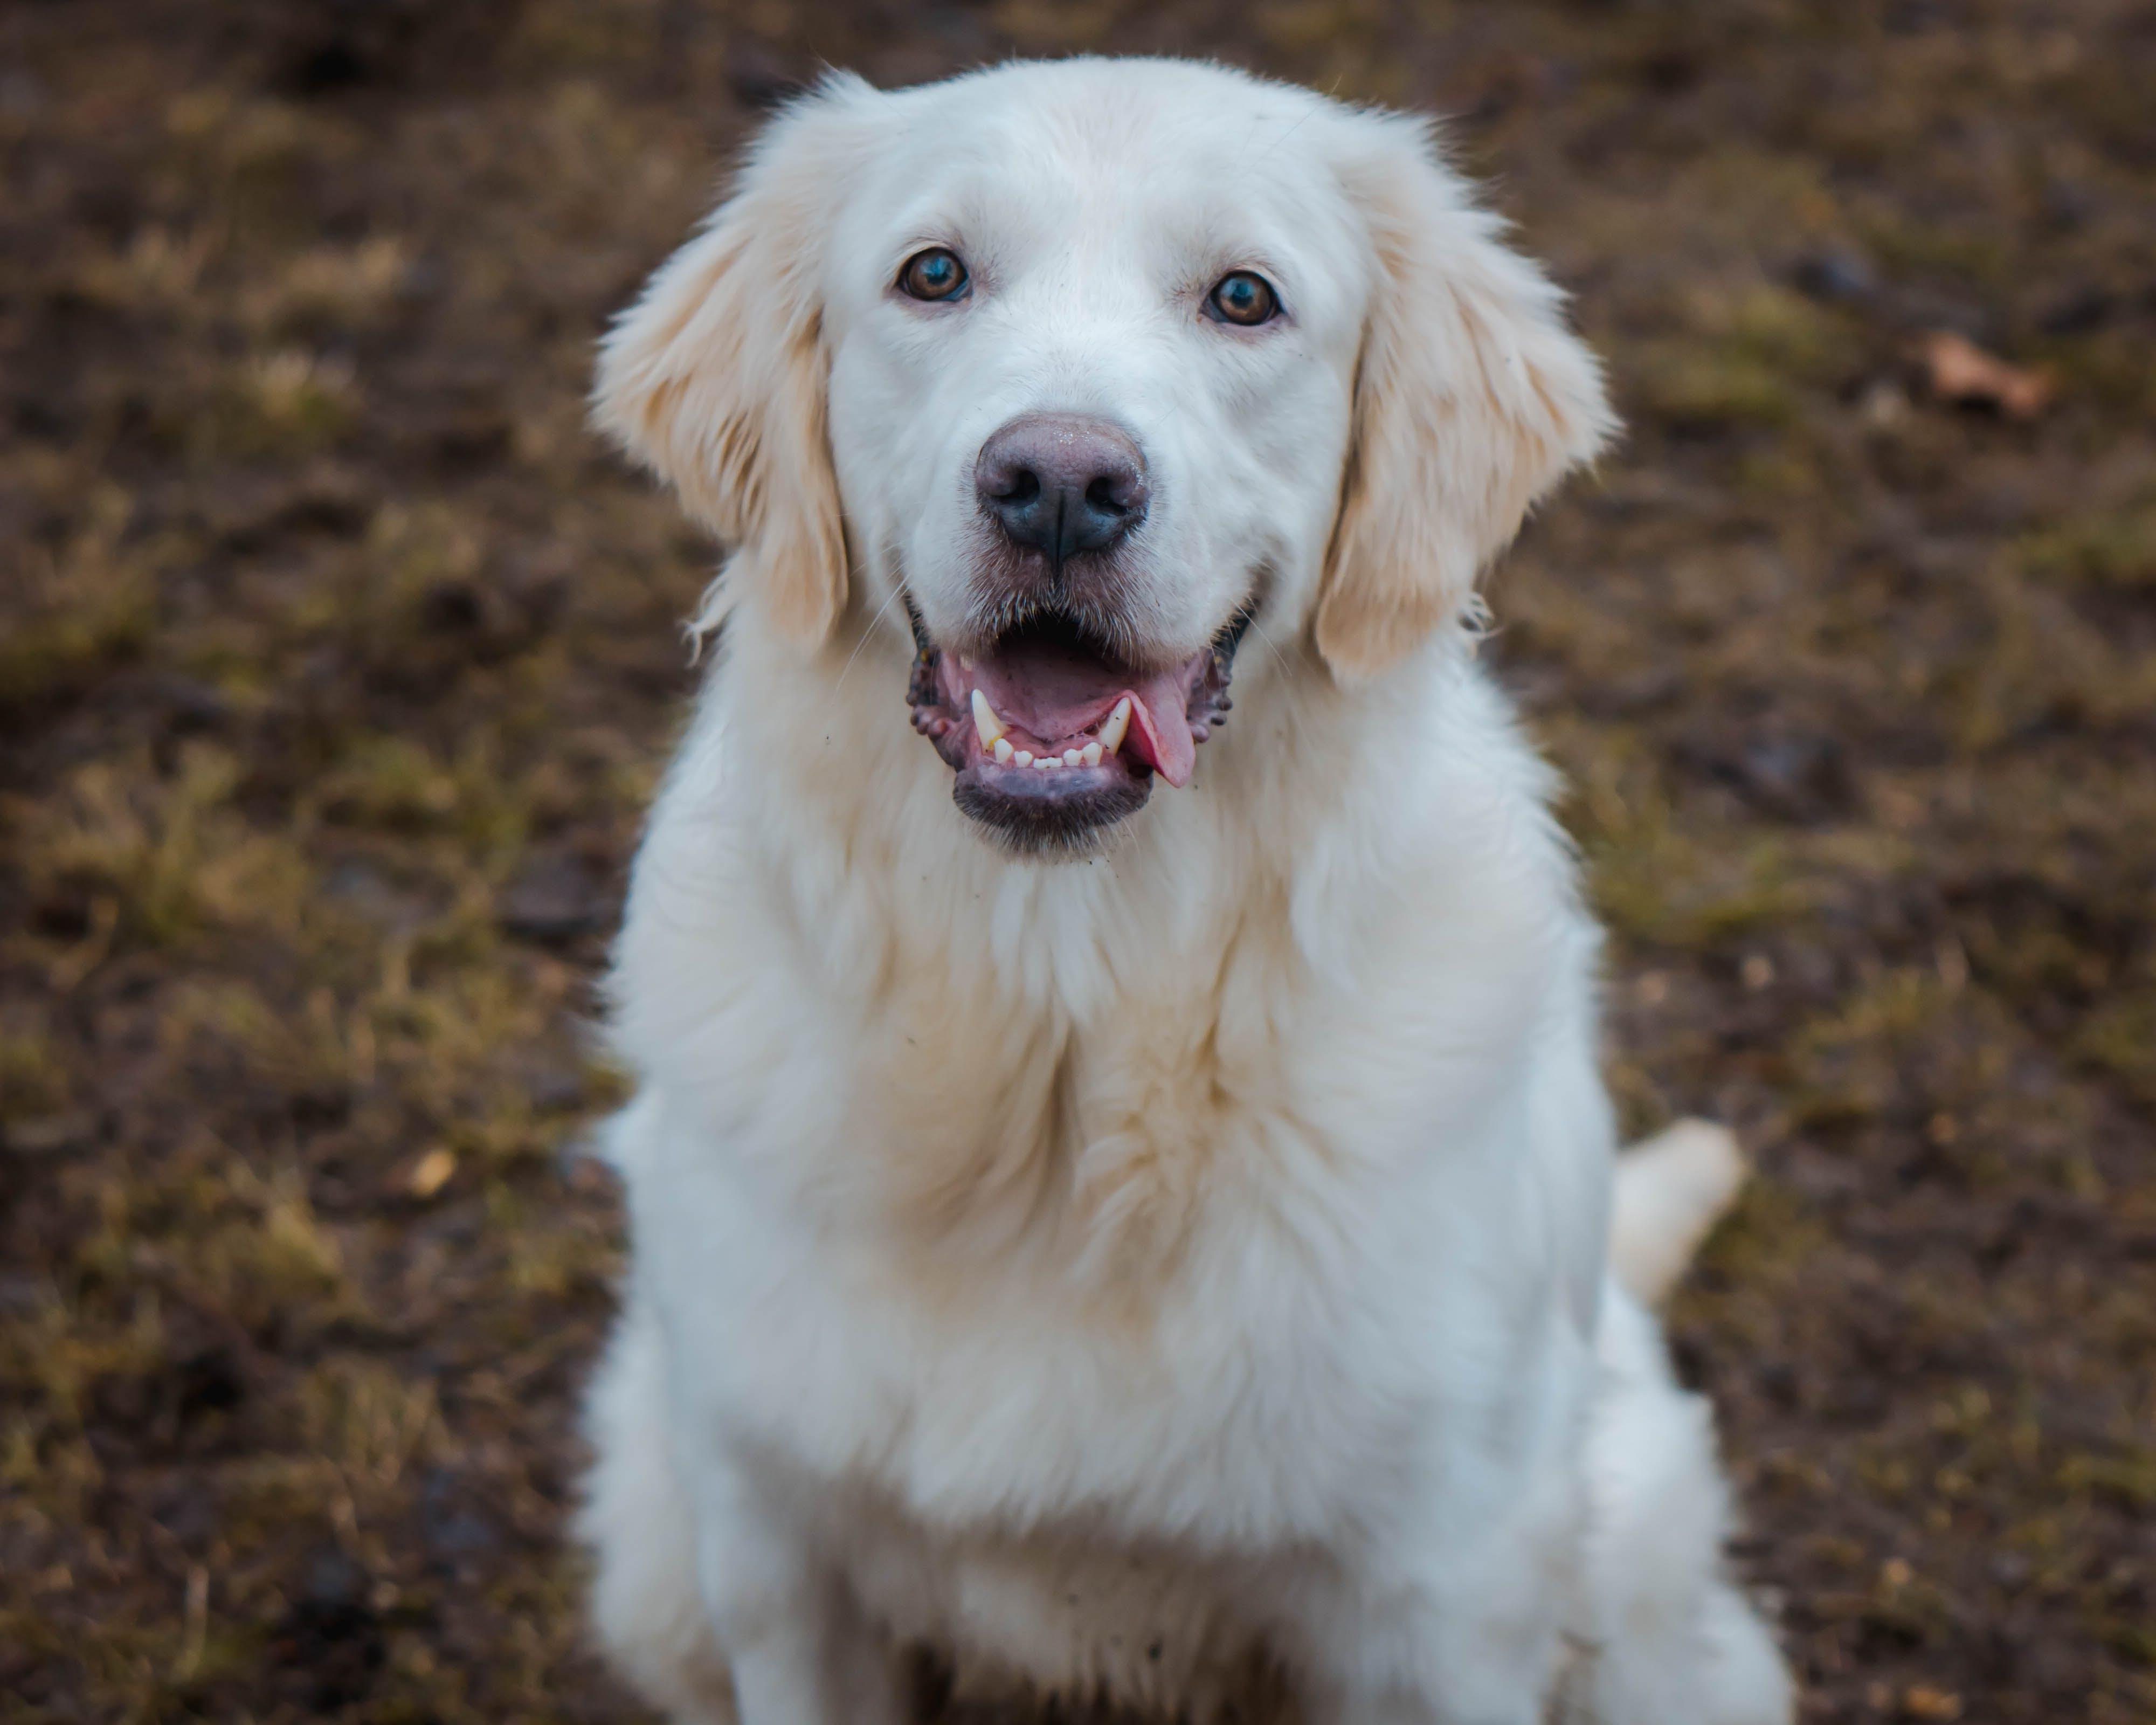 Základová fotografie zdarma na téma fotografování zvířat, pes, zlatý retrívr, zvířecí portrét